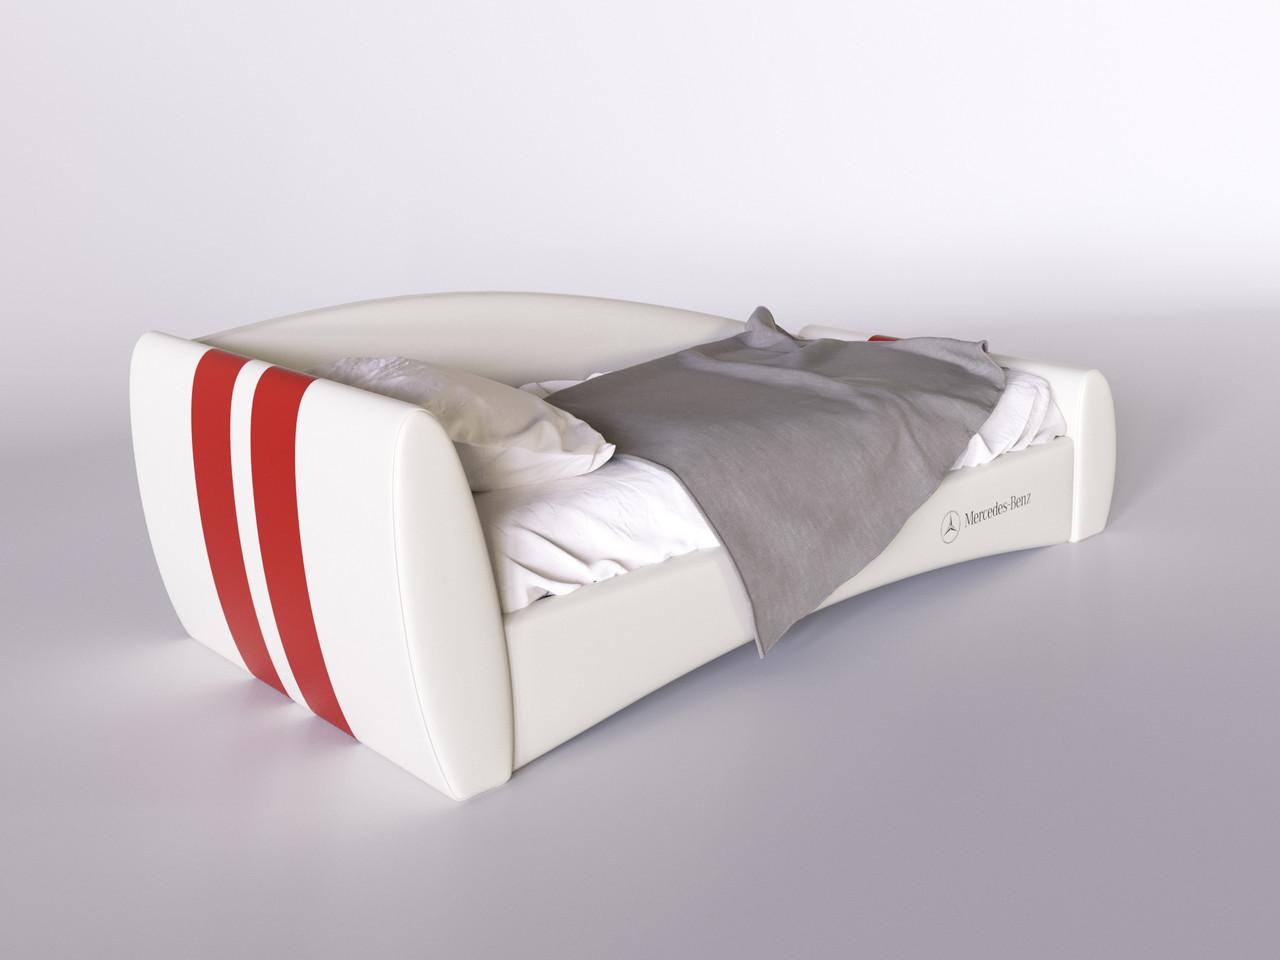 Детская кровать Формула Mercedes - Benz 80*200 с подъемным маханизмом